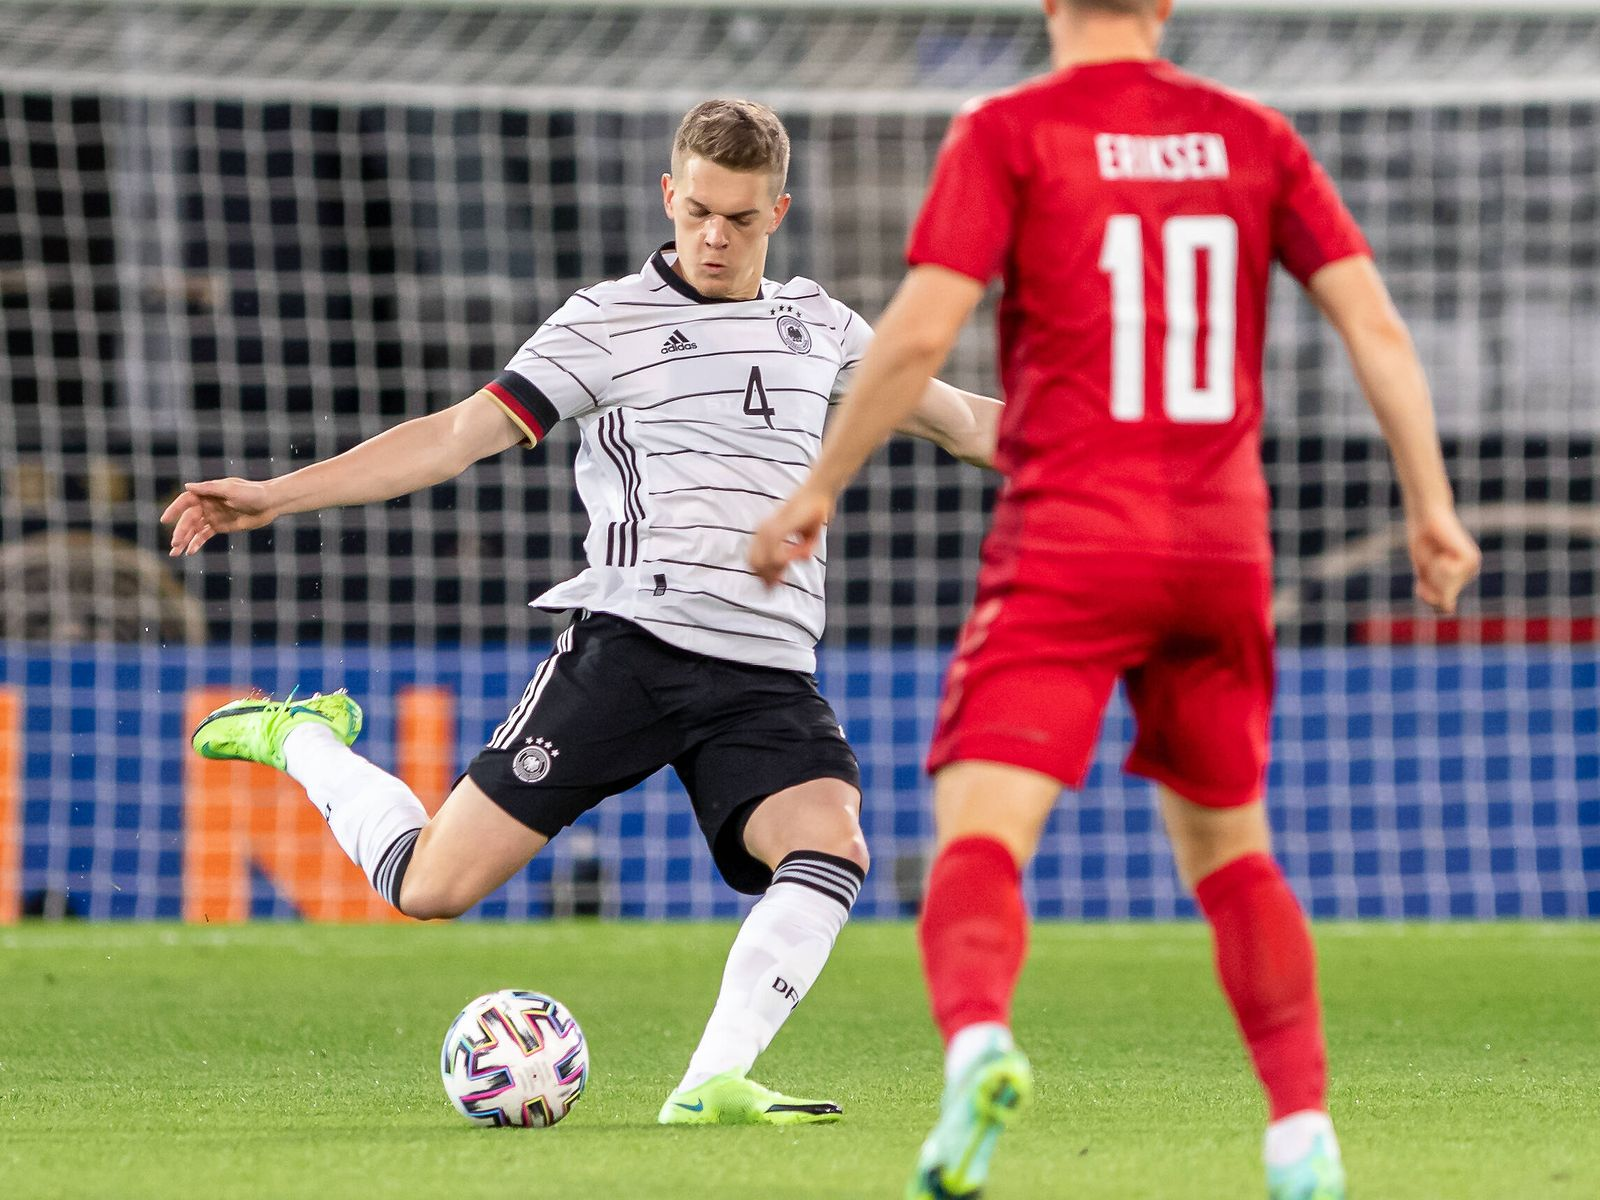 SOCCER - GER vs DEN, test match INNSBRUCK,AUSTRIA,02.JUN.21 - SOCCER - UEFA European Championship, EM, Europameisterscha